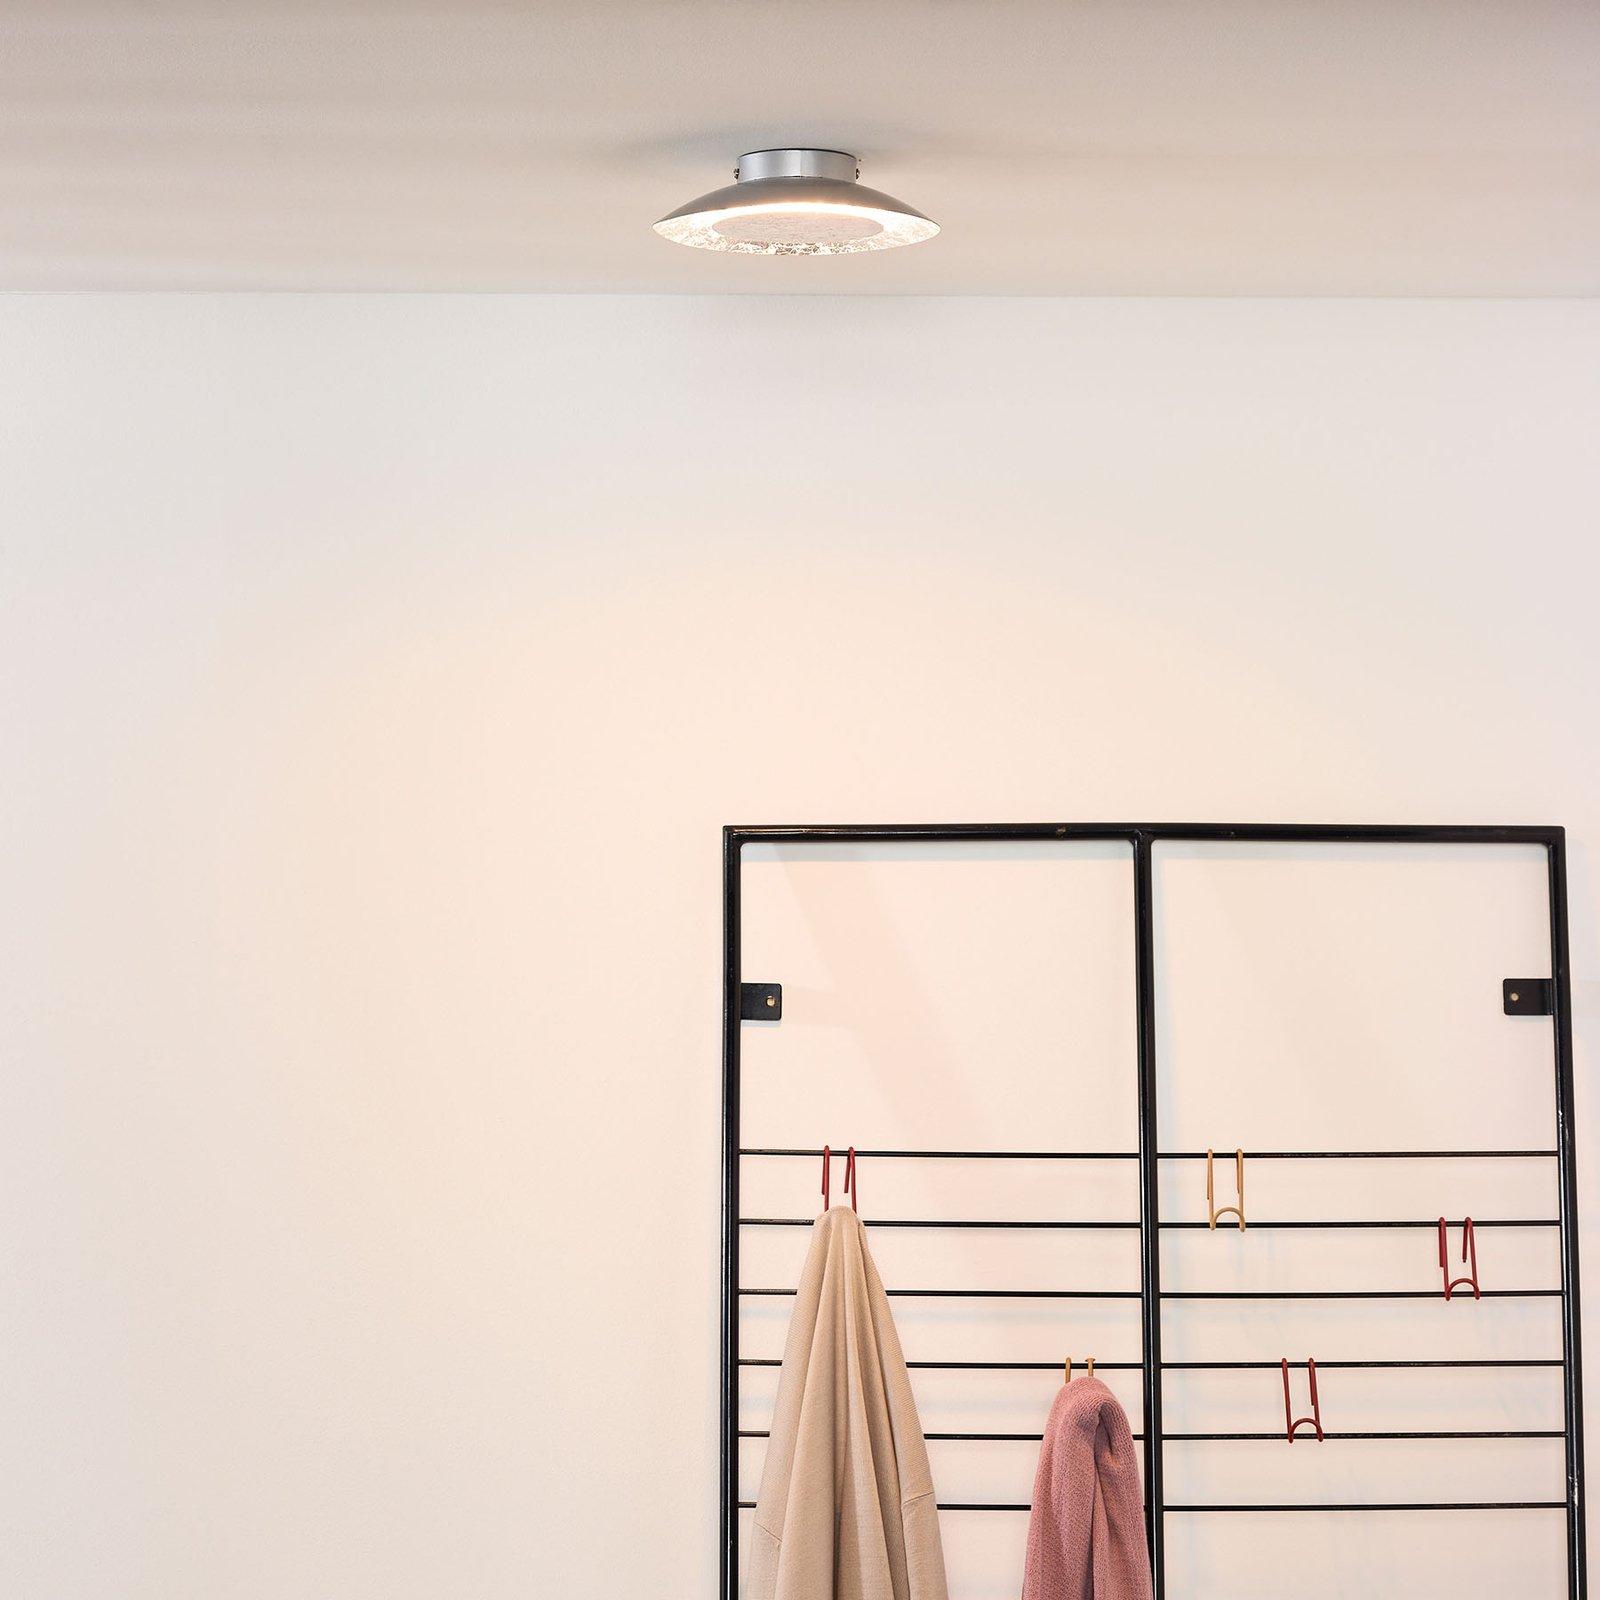 Foskal LED-taklampe sølv, Ø 21,5 cm